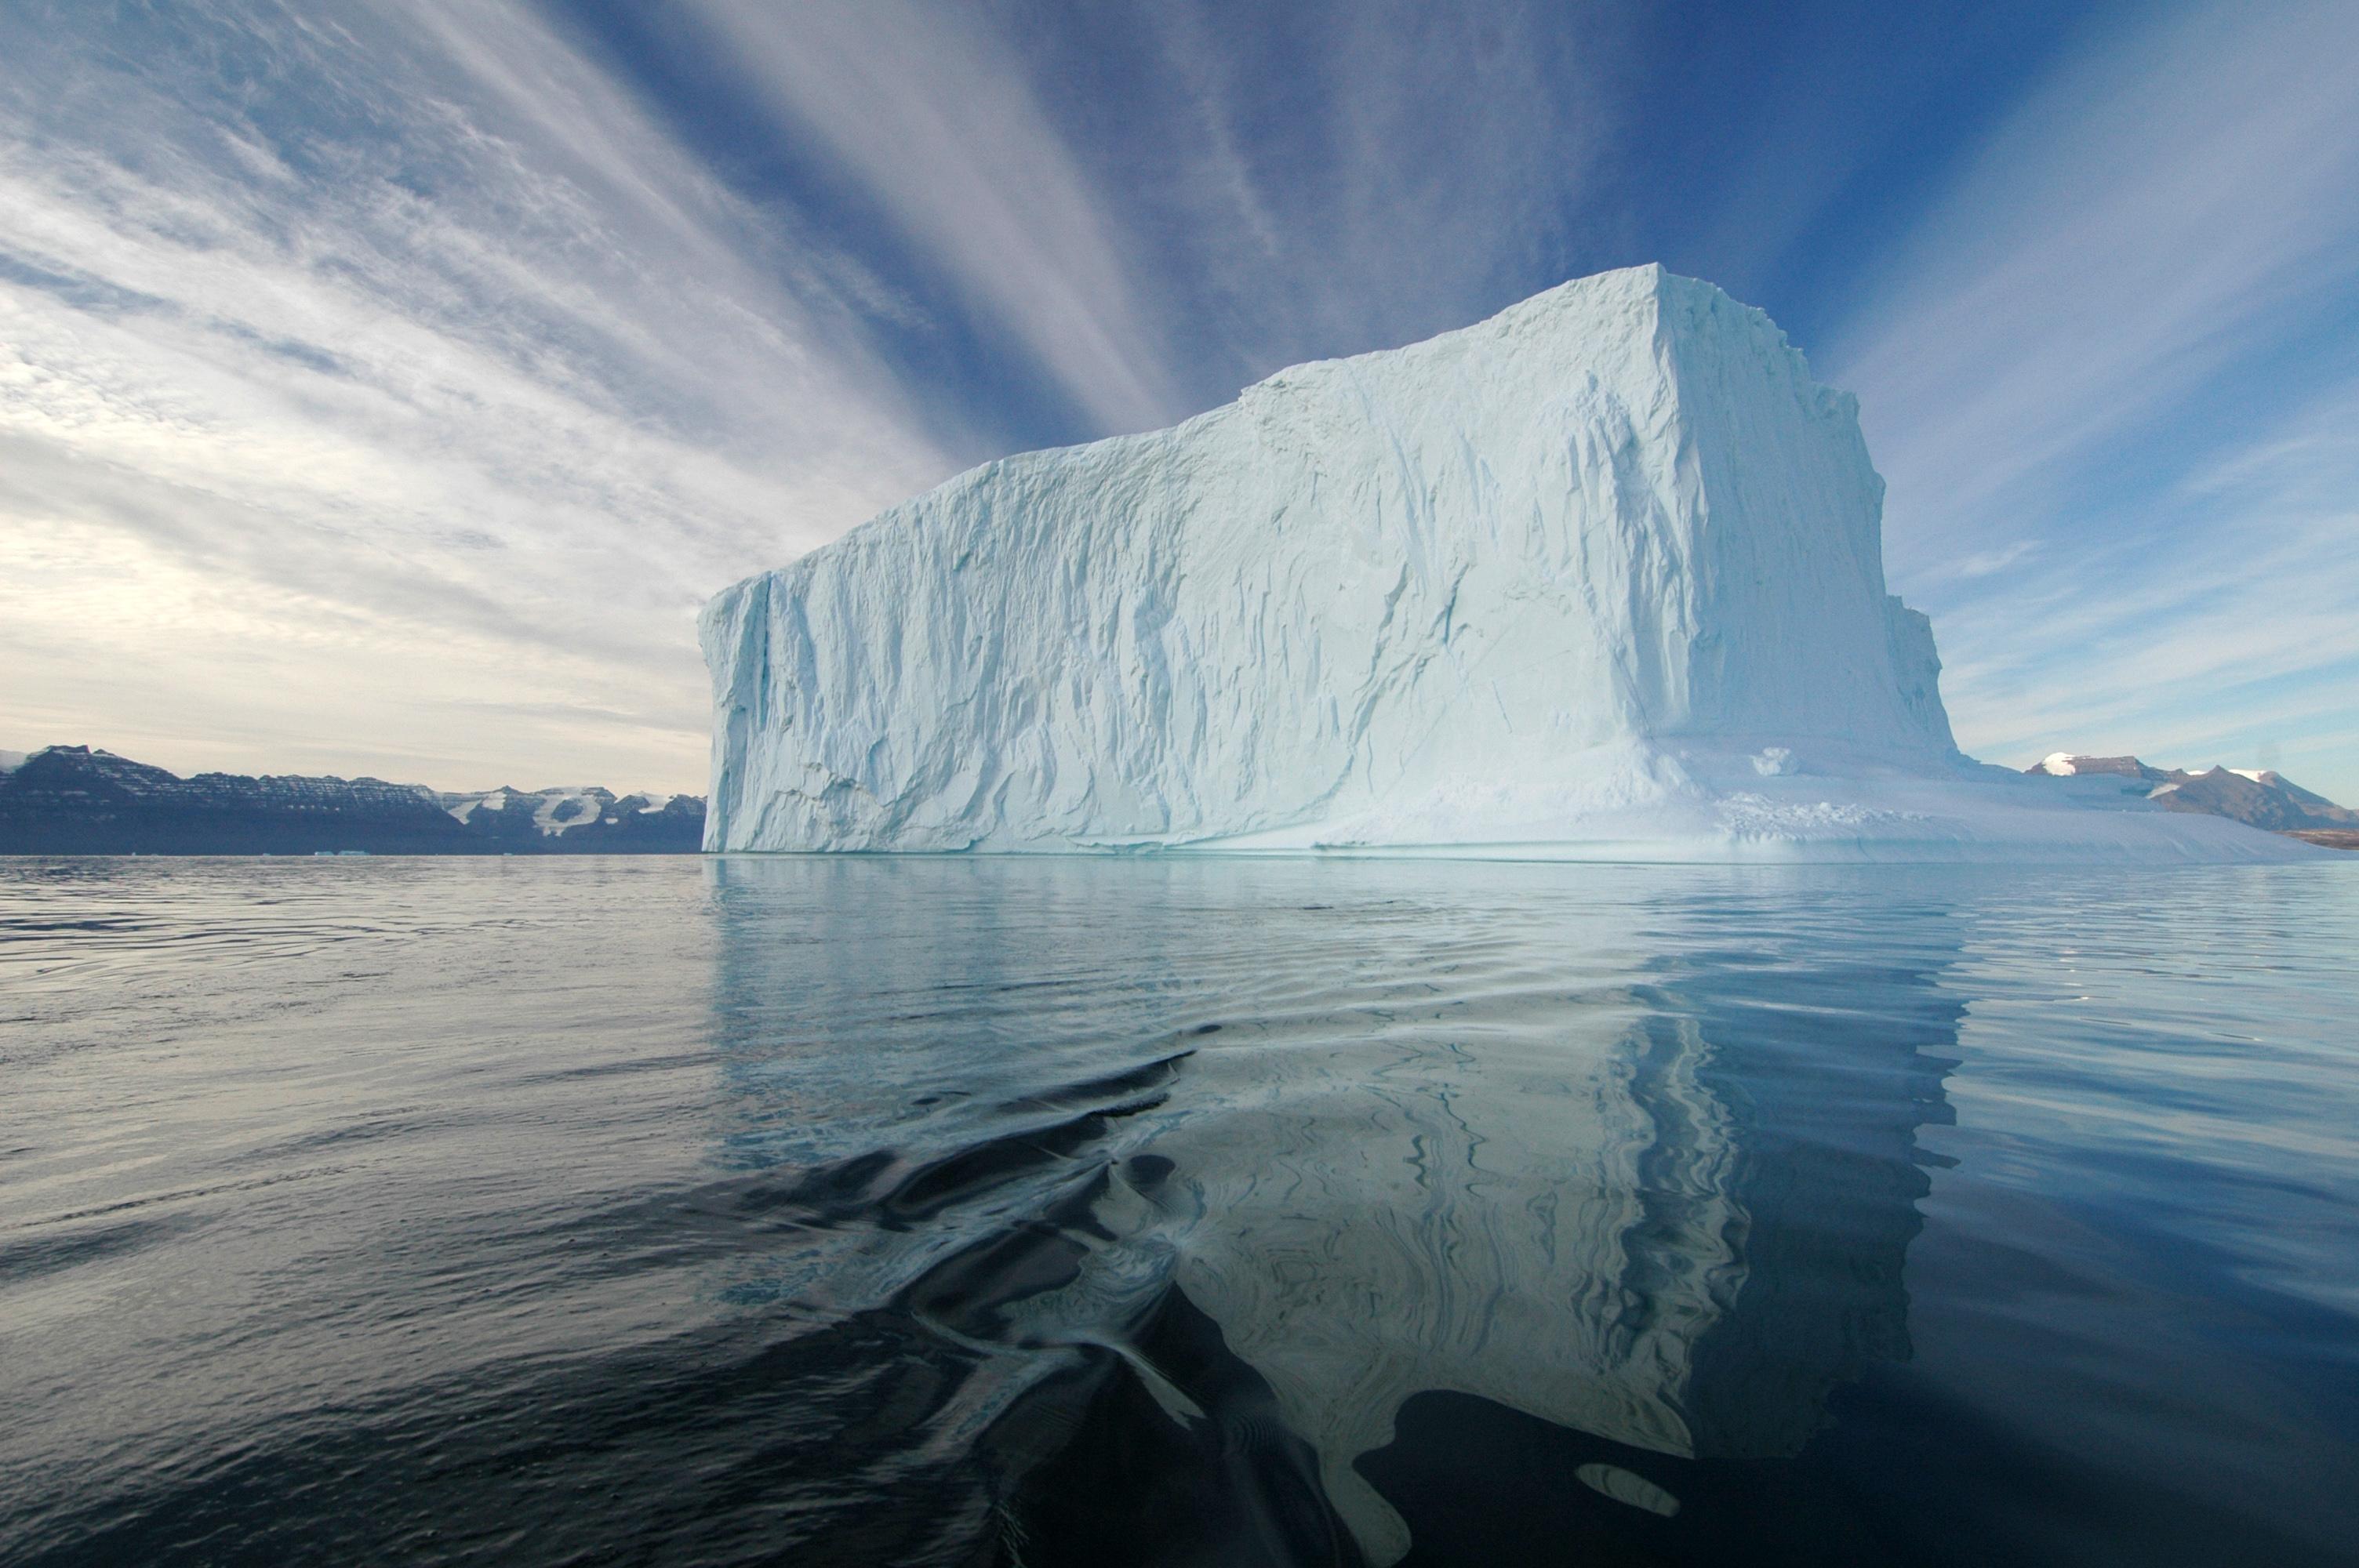 大冰山.jpg